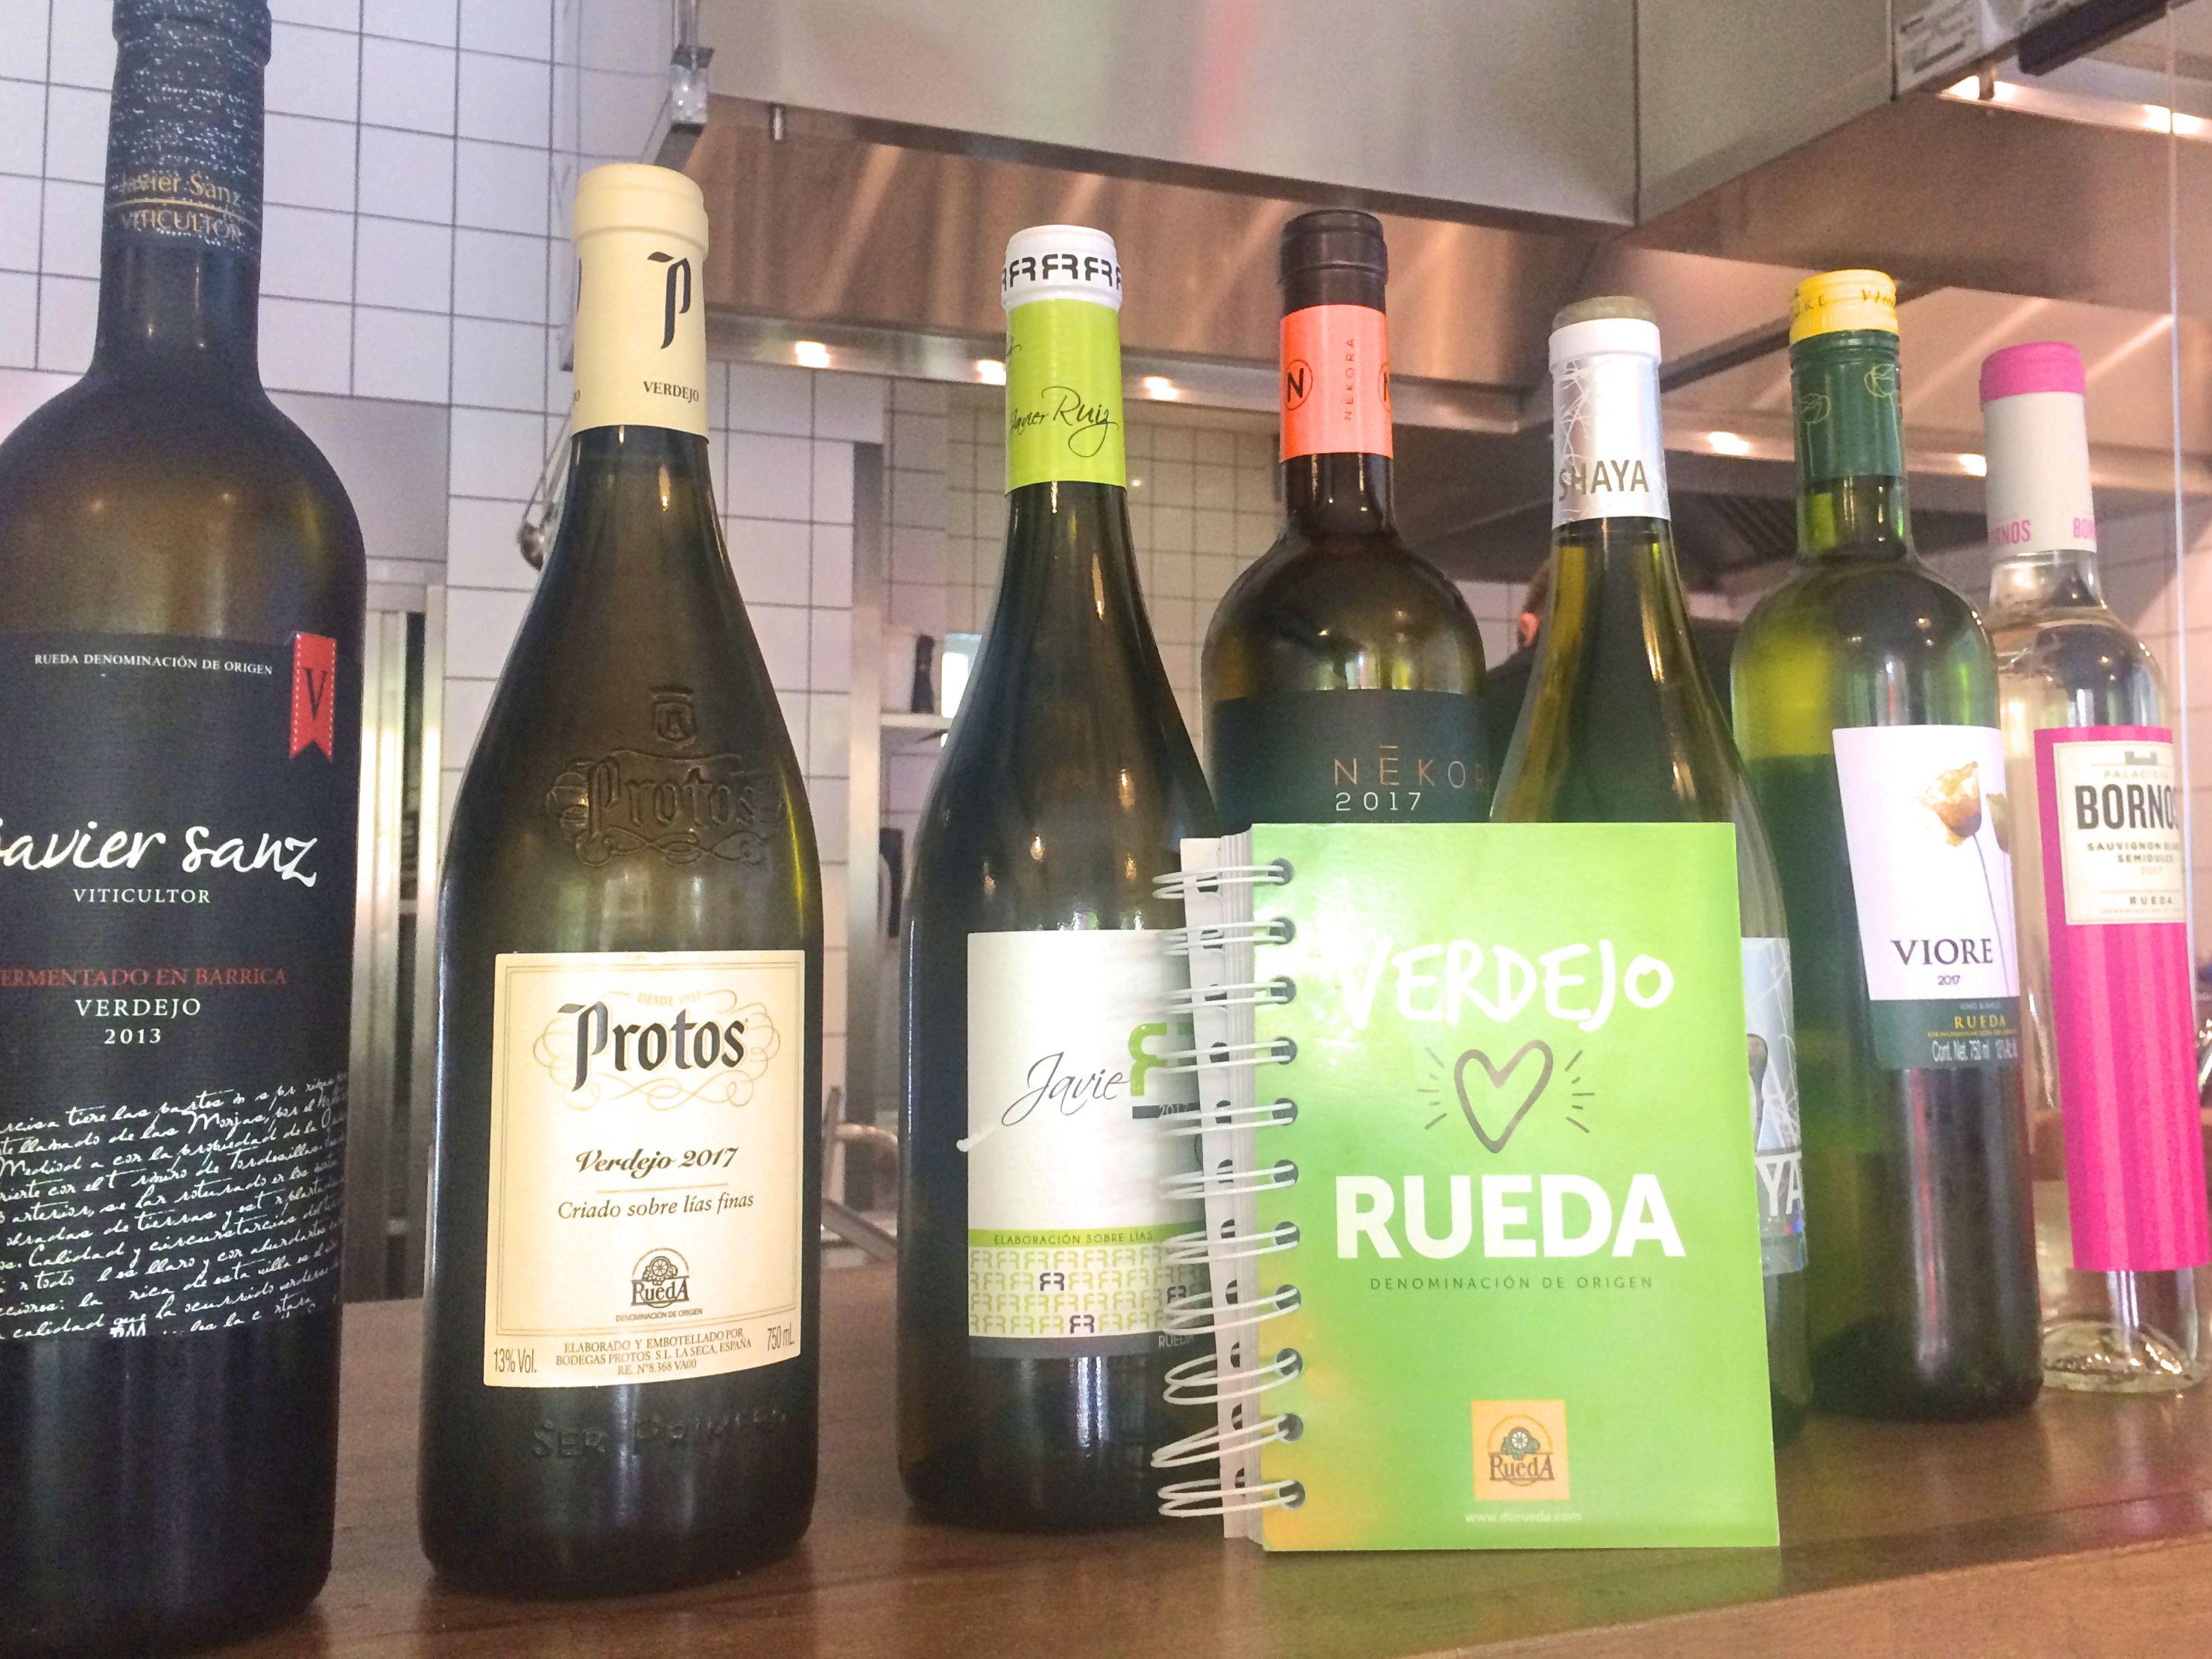 Rueda – biała torpeda – wina białe z DO Rueda